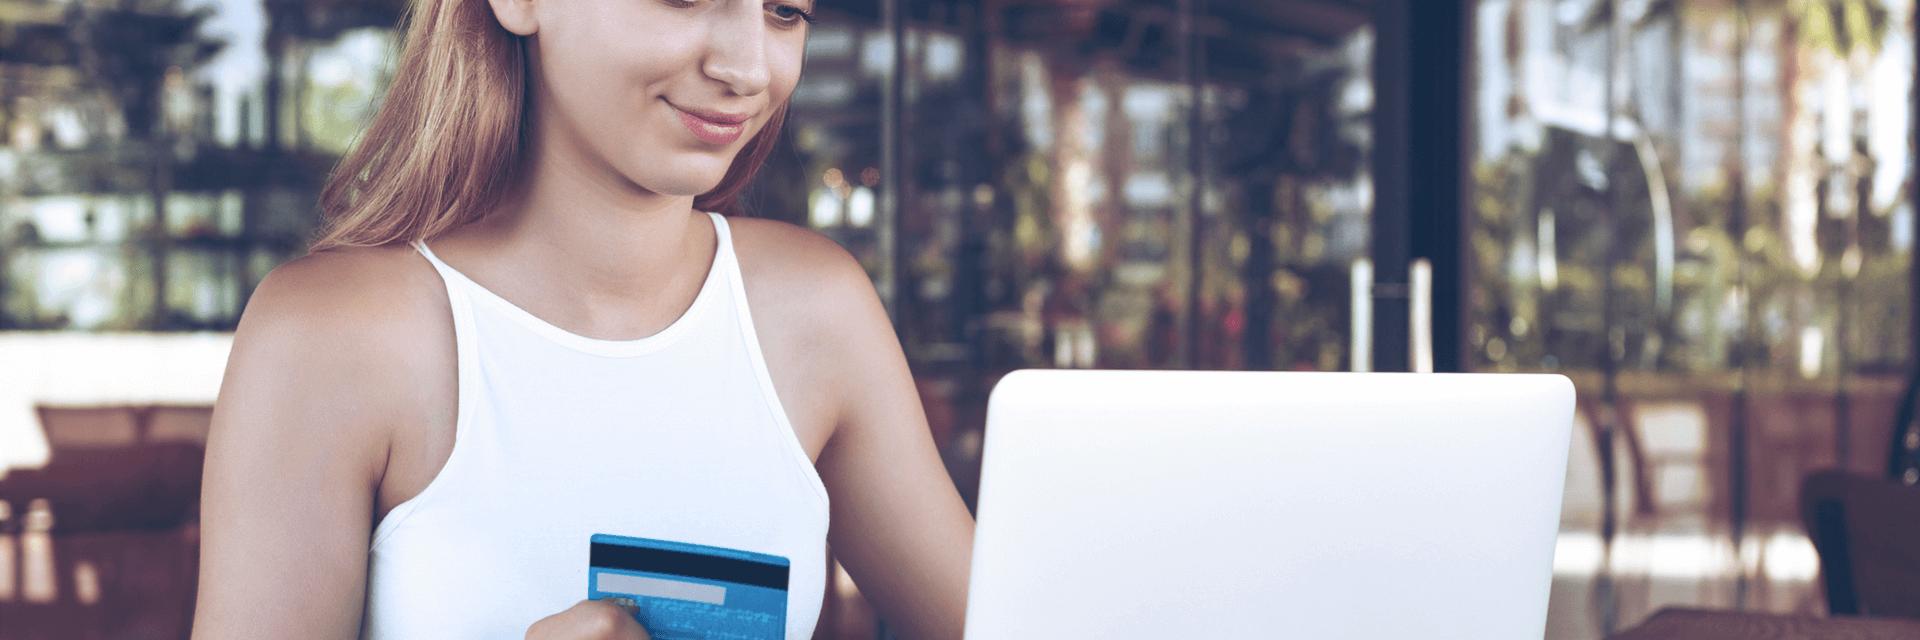 Mulher usando cartão de crédito em frente ao computador e sorrindo